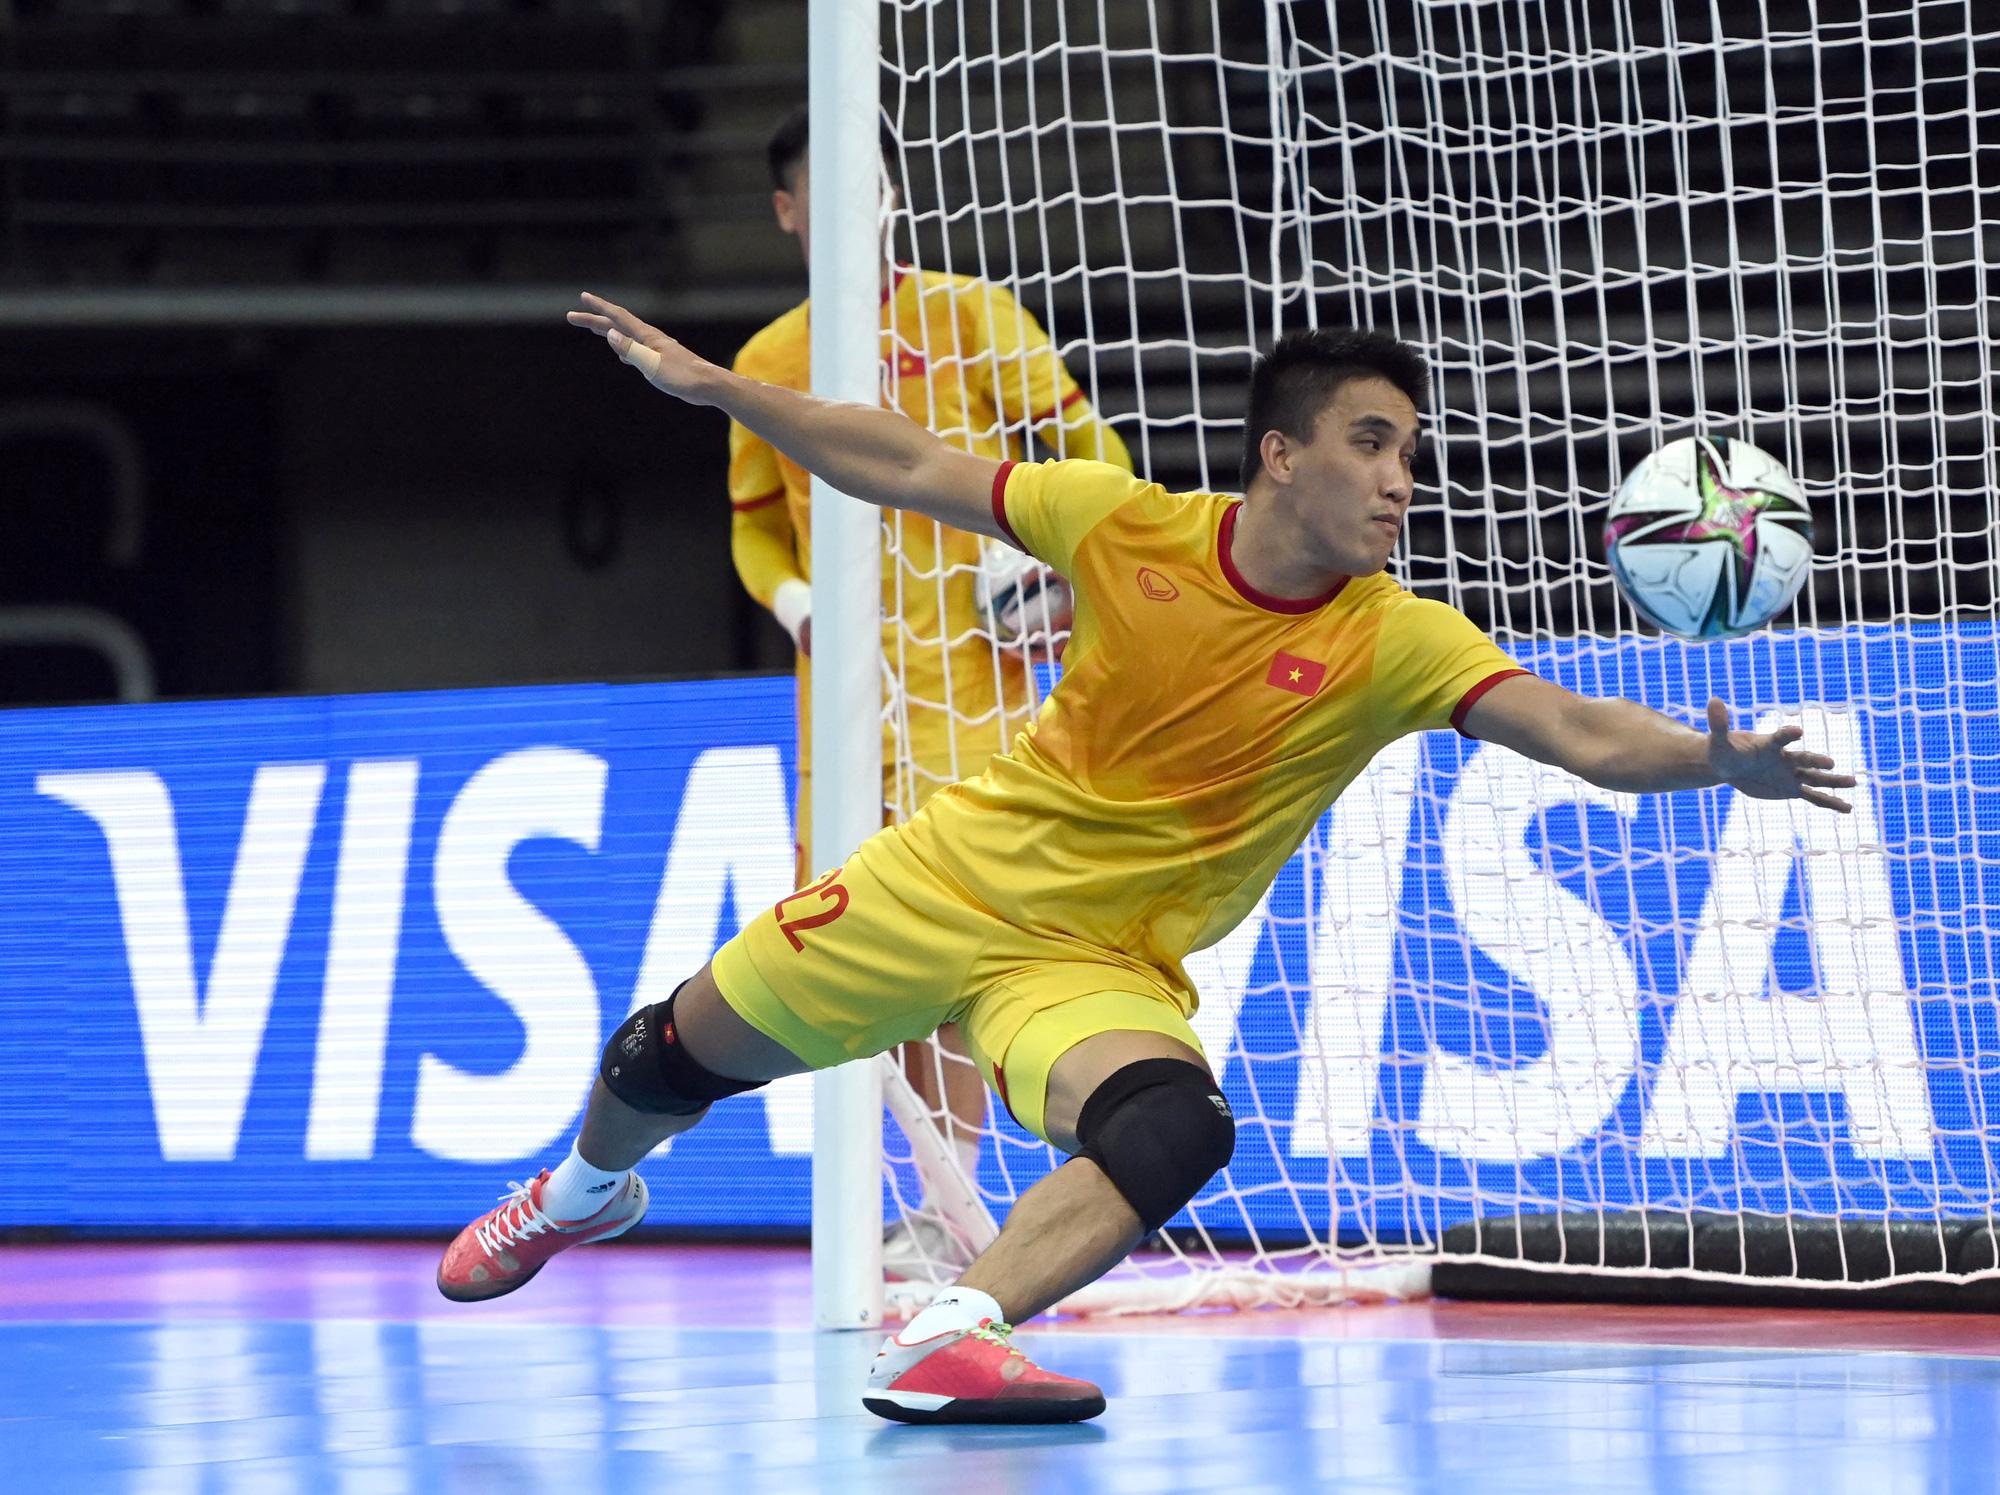 Vào đến vòng 16 đội World Cup 2021, các tuyển thủ futsal Việt Nam vẫn chỉ có lượt theo dõi khiêm tốn trên mạng xã hội - Ảnh 4.